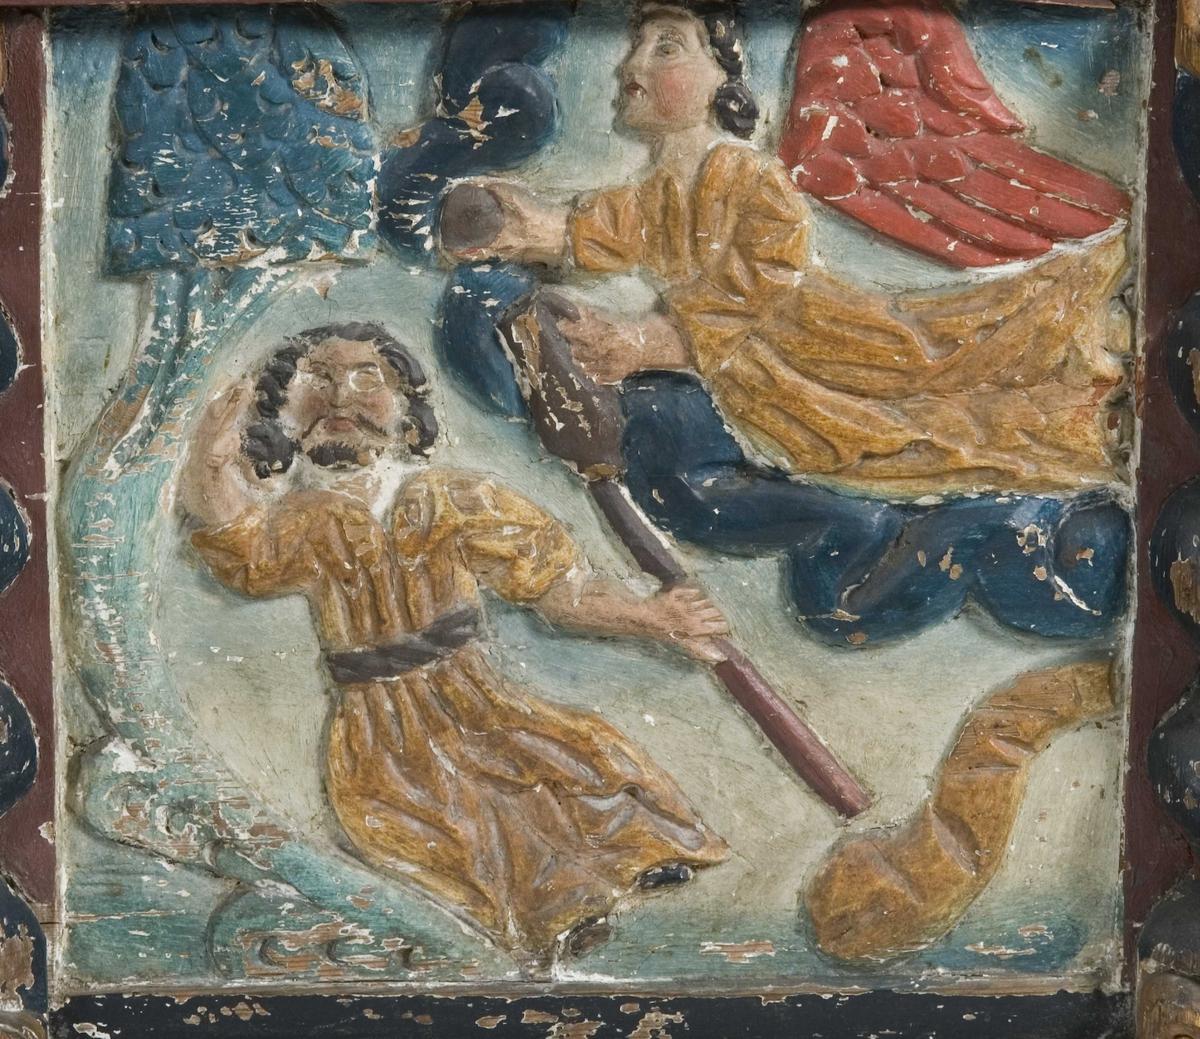 Kiste med svakt buet lokk og leddik. Bemalt innvendig med limfarge. Skåret motiv på front viser på fronten Elias og ravnene og Elias og engelen, på kortsidene David med harpen.